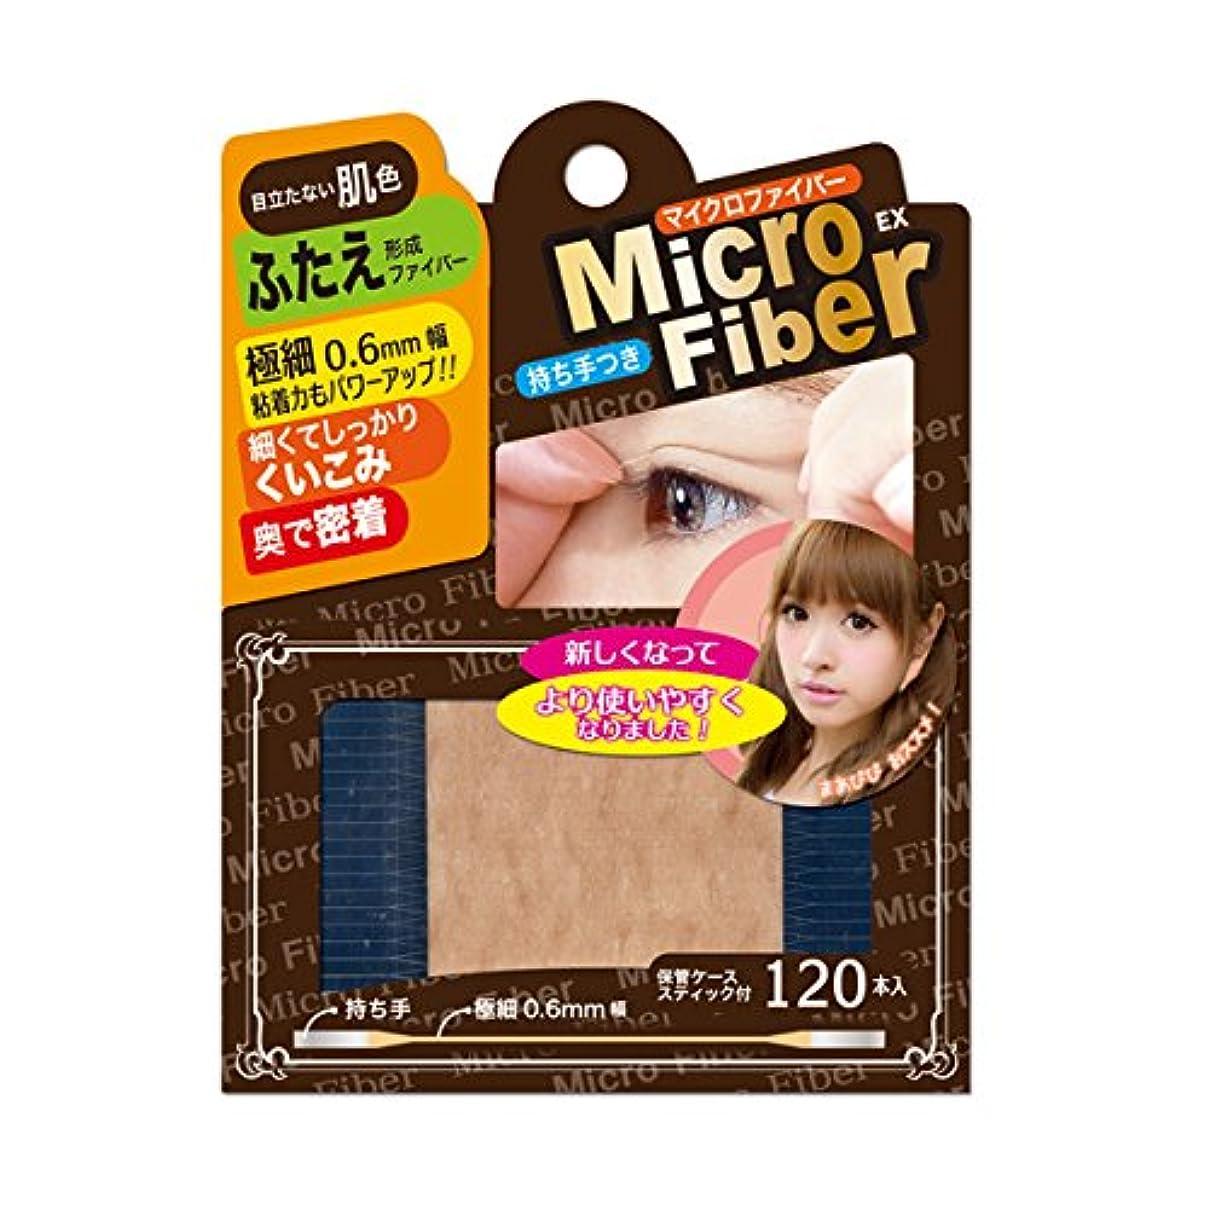 フラスコ計画的くBNマイクロファイバーEX NMC-02 120本